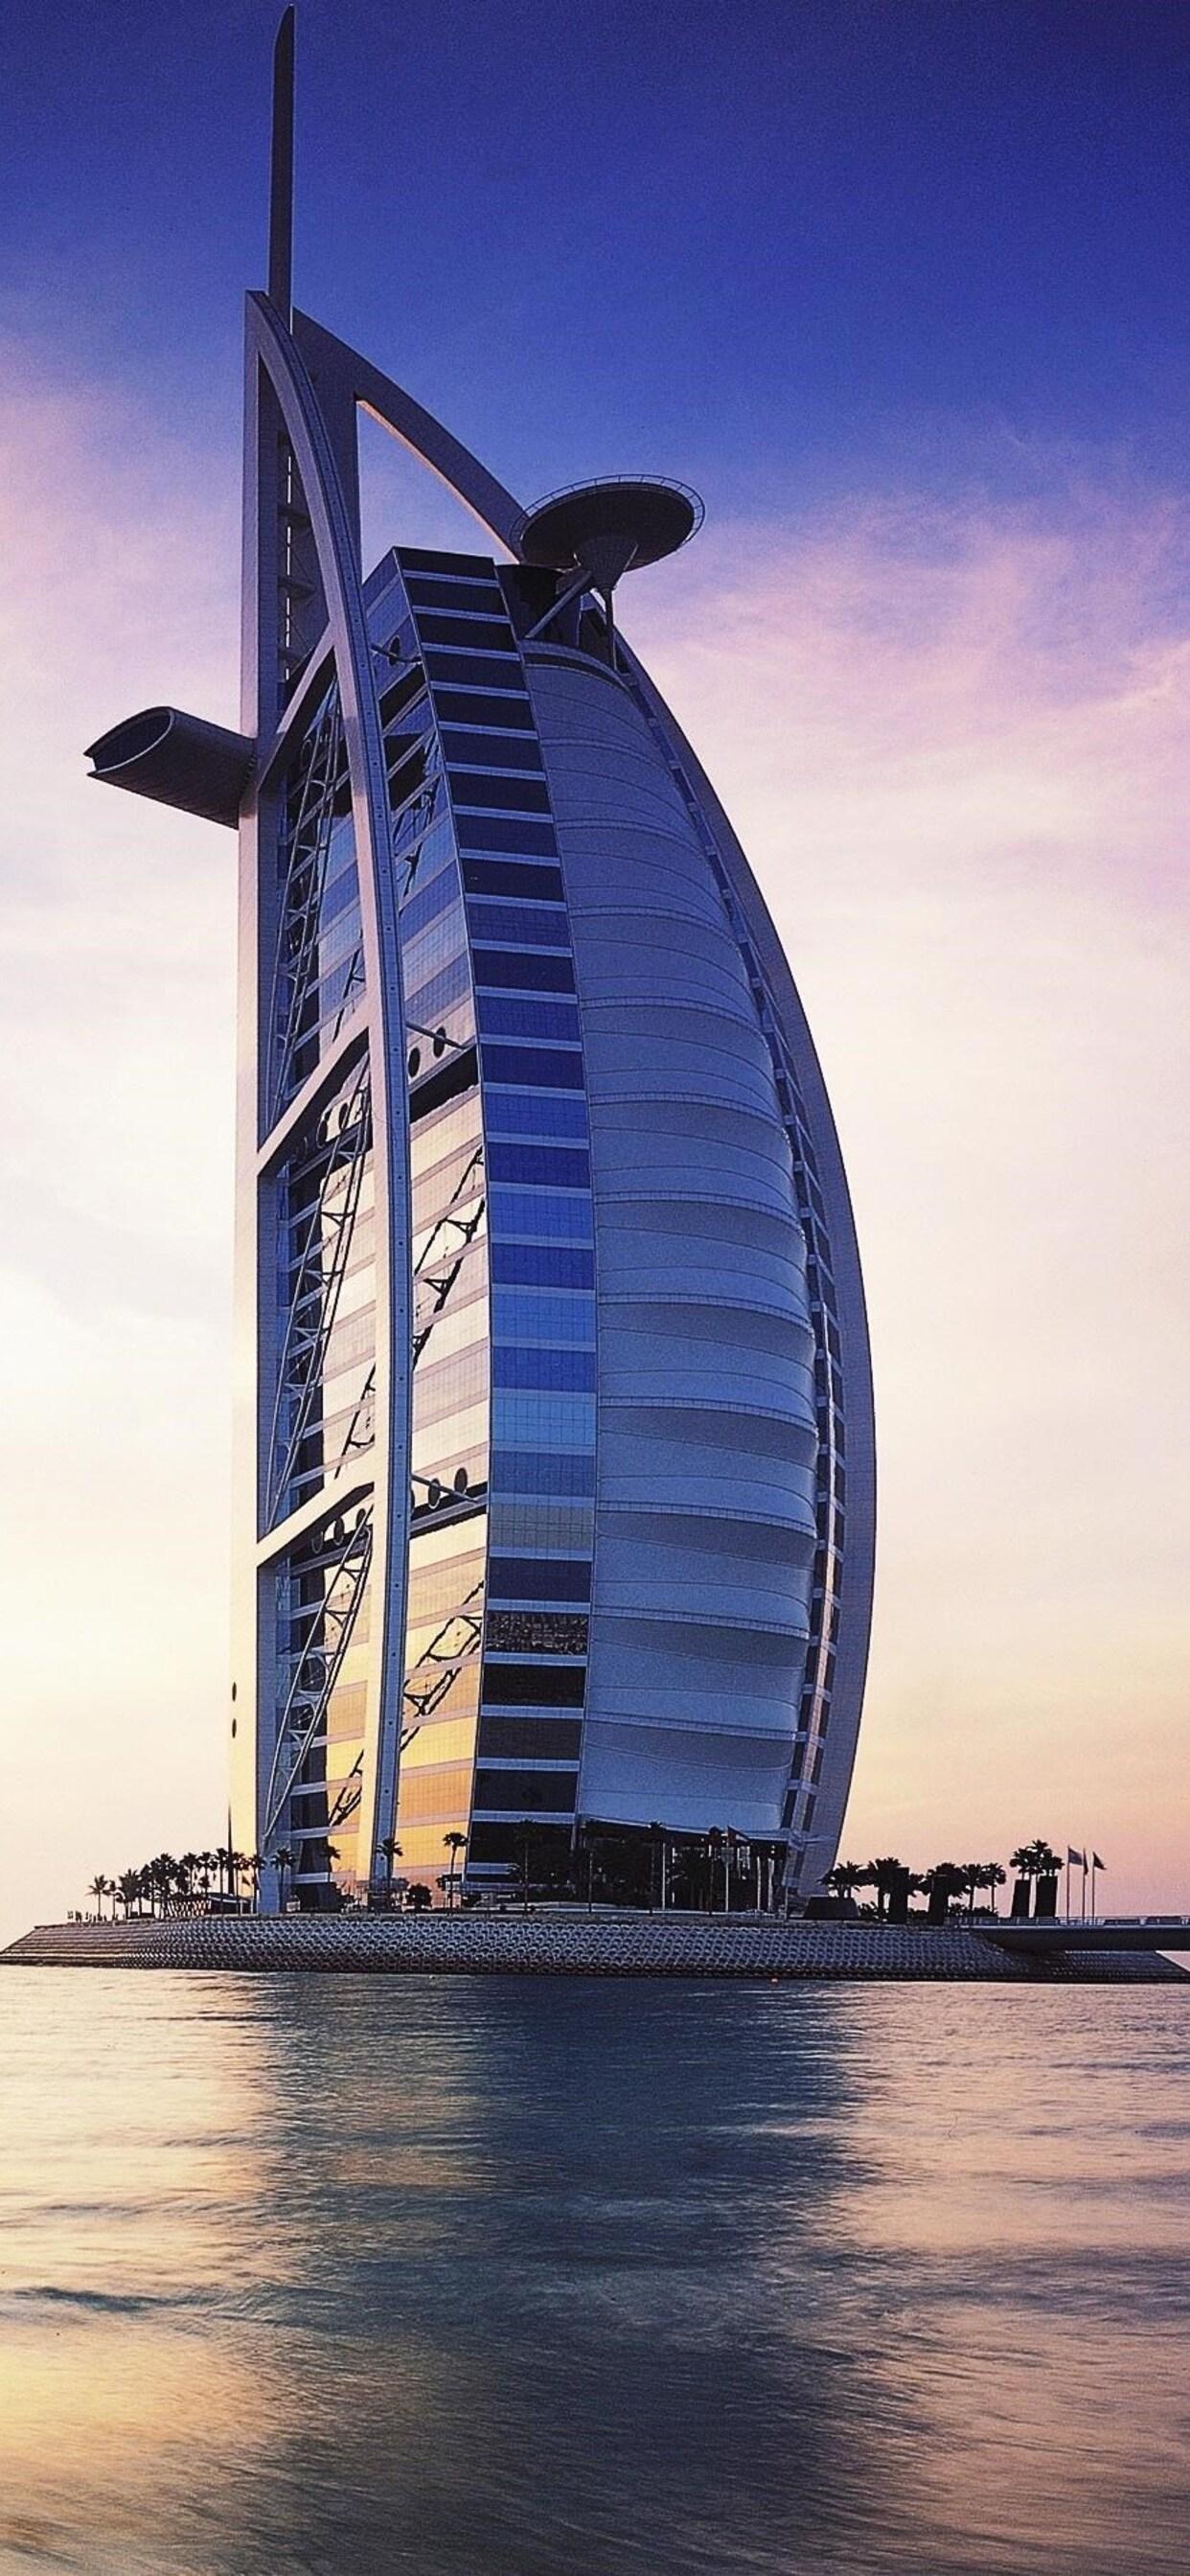 1242x2688 Burj Al Arab Dubai Iphone Xs Max Hd 4k Wallpapers